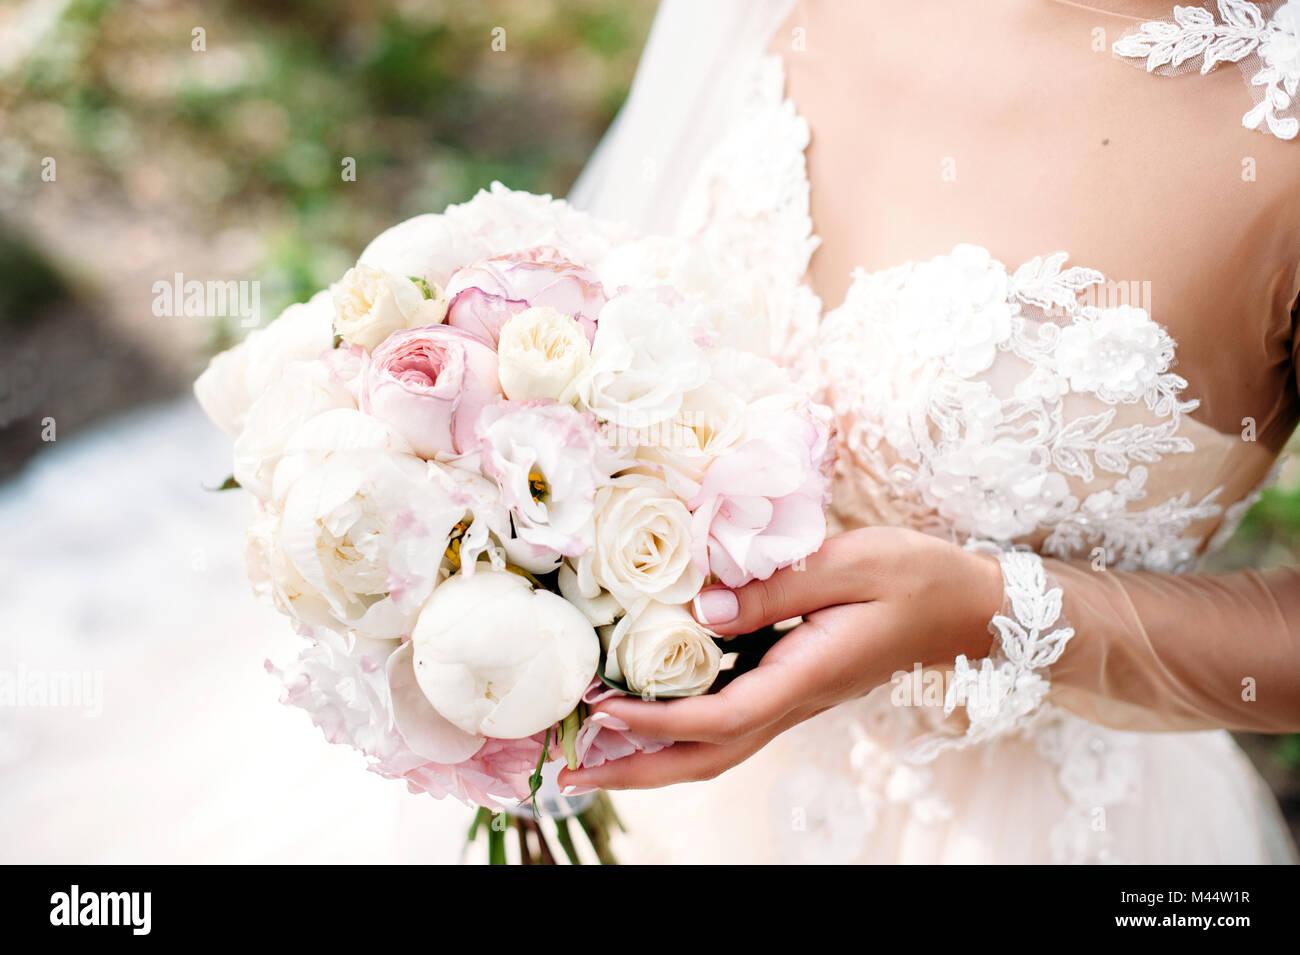 Celebración de Bodas ramo de novia peony en tus manos. Flores de color rosa y blanco. Close-up Foto de stock